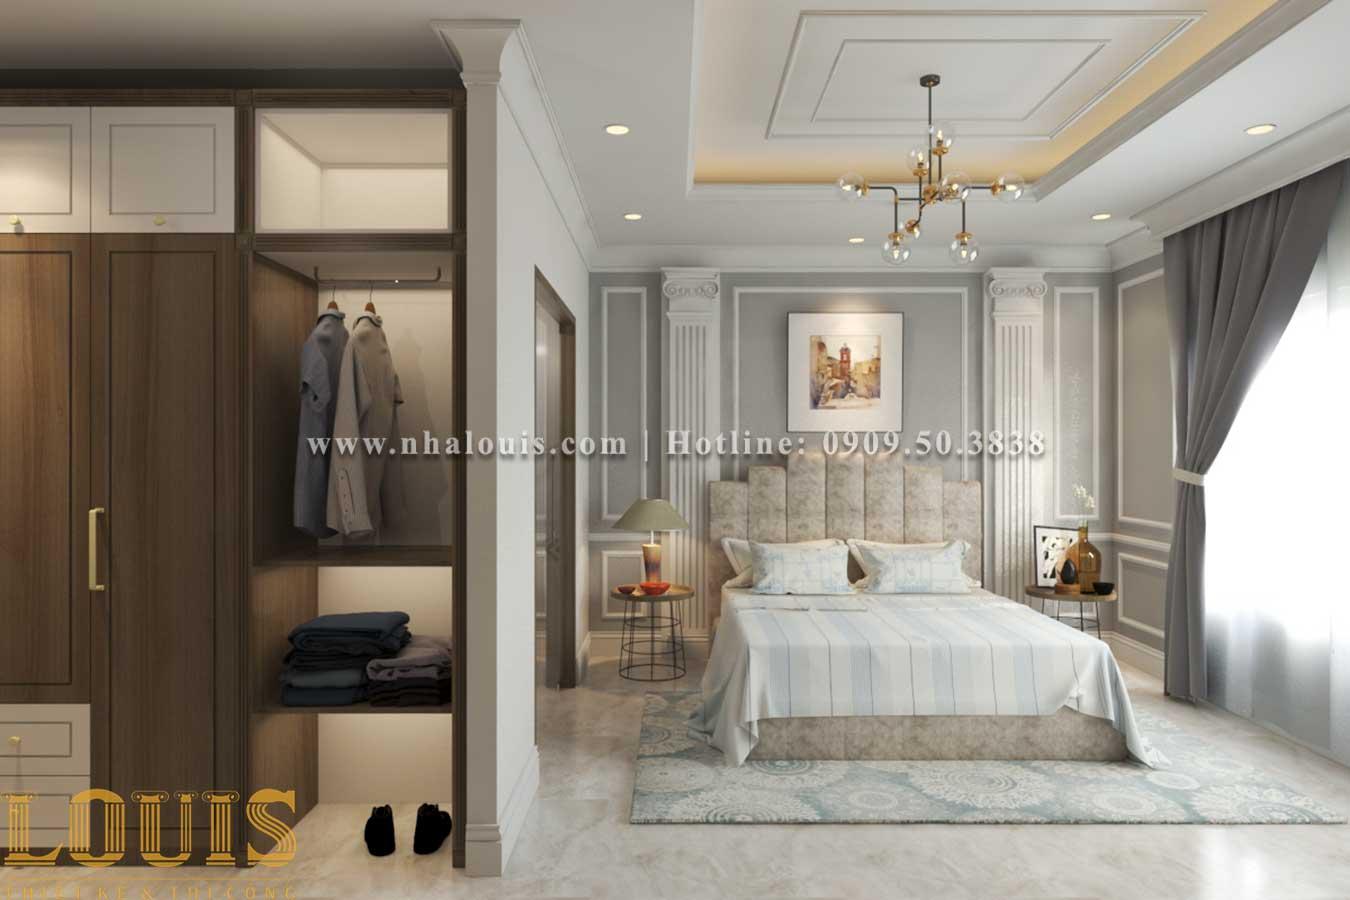 Phòng ngủ Thiết kế biệt thự 3 tầng tân cổ điển đẹp lộng lẫy tại Bình Dương